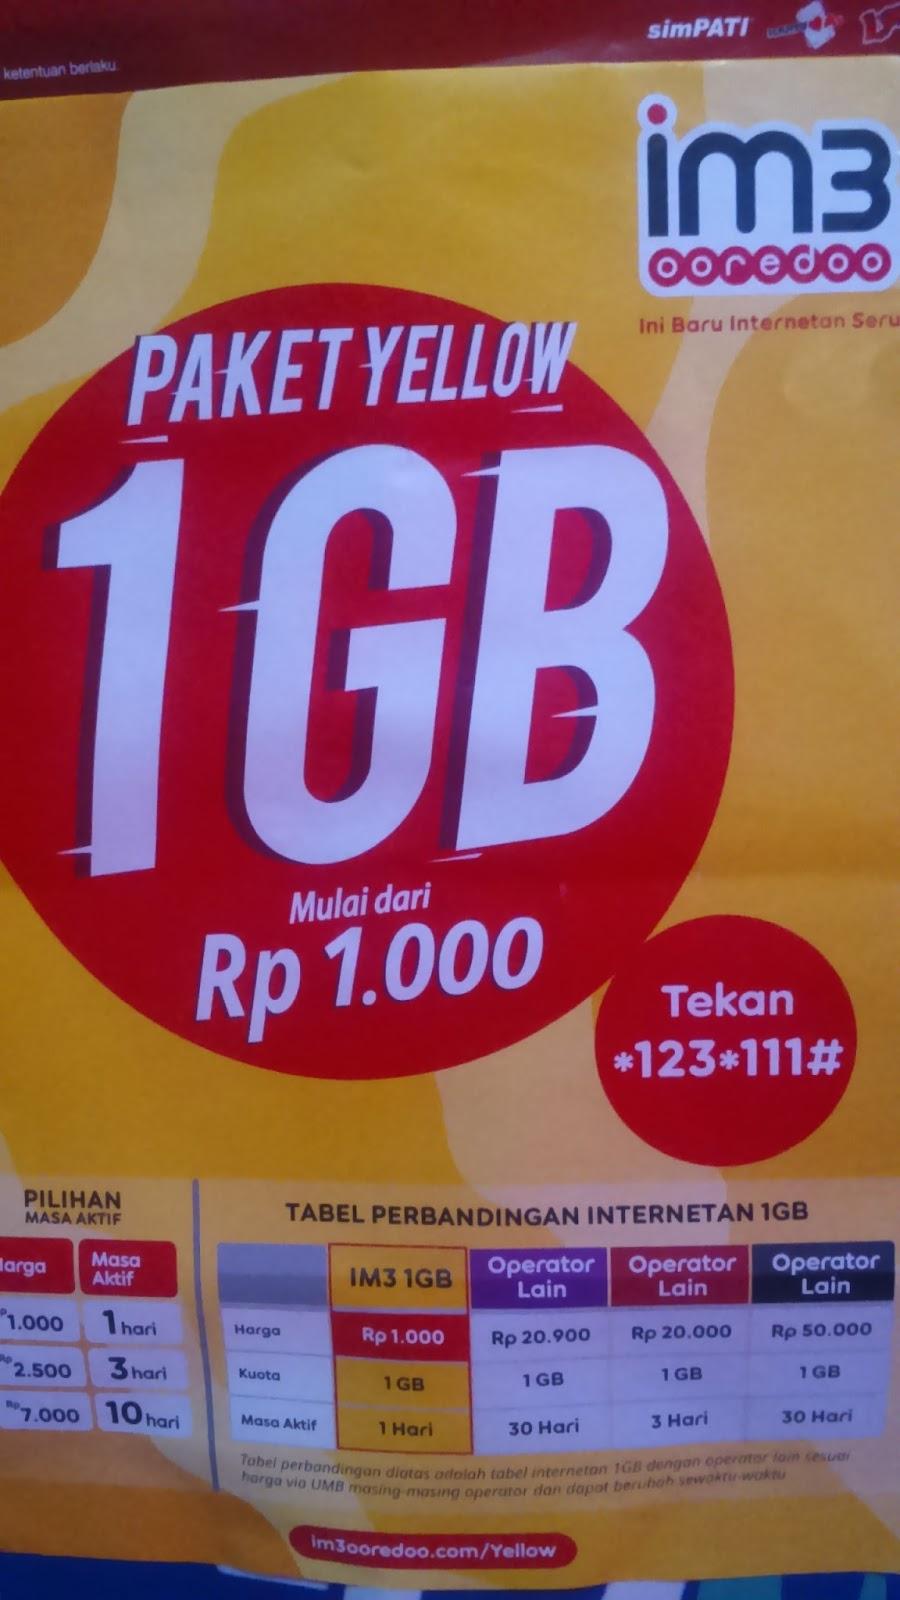 Cara Mudah Mengecek Sisa Kuota Internet Indosat Ooredoo Share Panduan Paket Freedom Combo M Menyediakan Beragam Pilihan Murah Dan Berkualitas Yang Bisa Dibeli Melalui Layanan 123 Beberapa Diantaranya